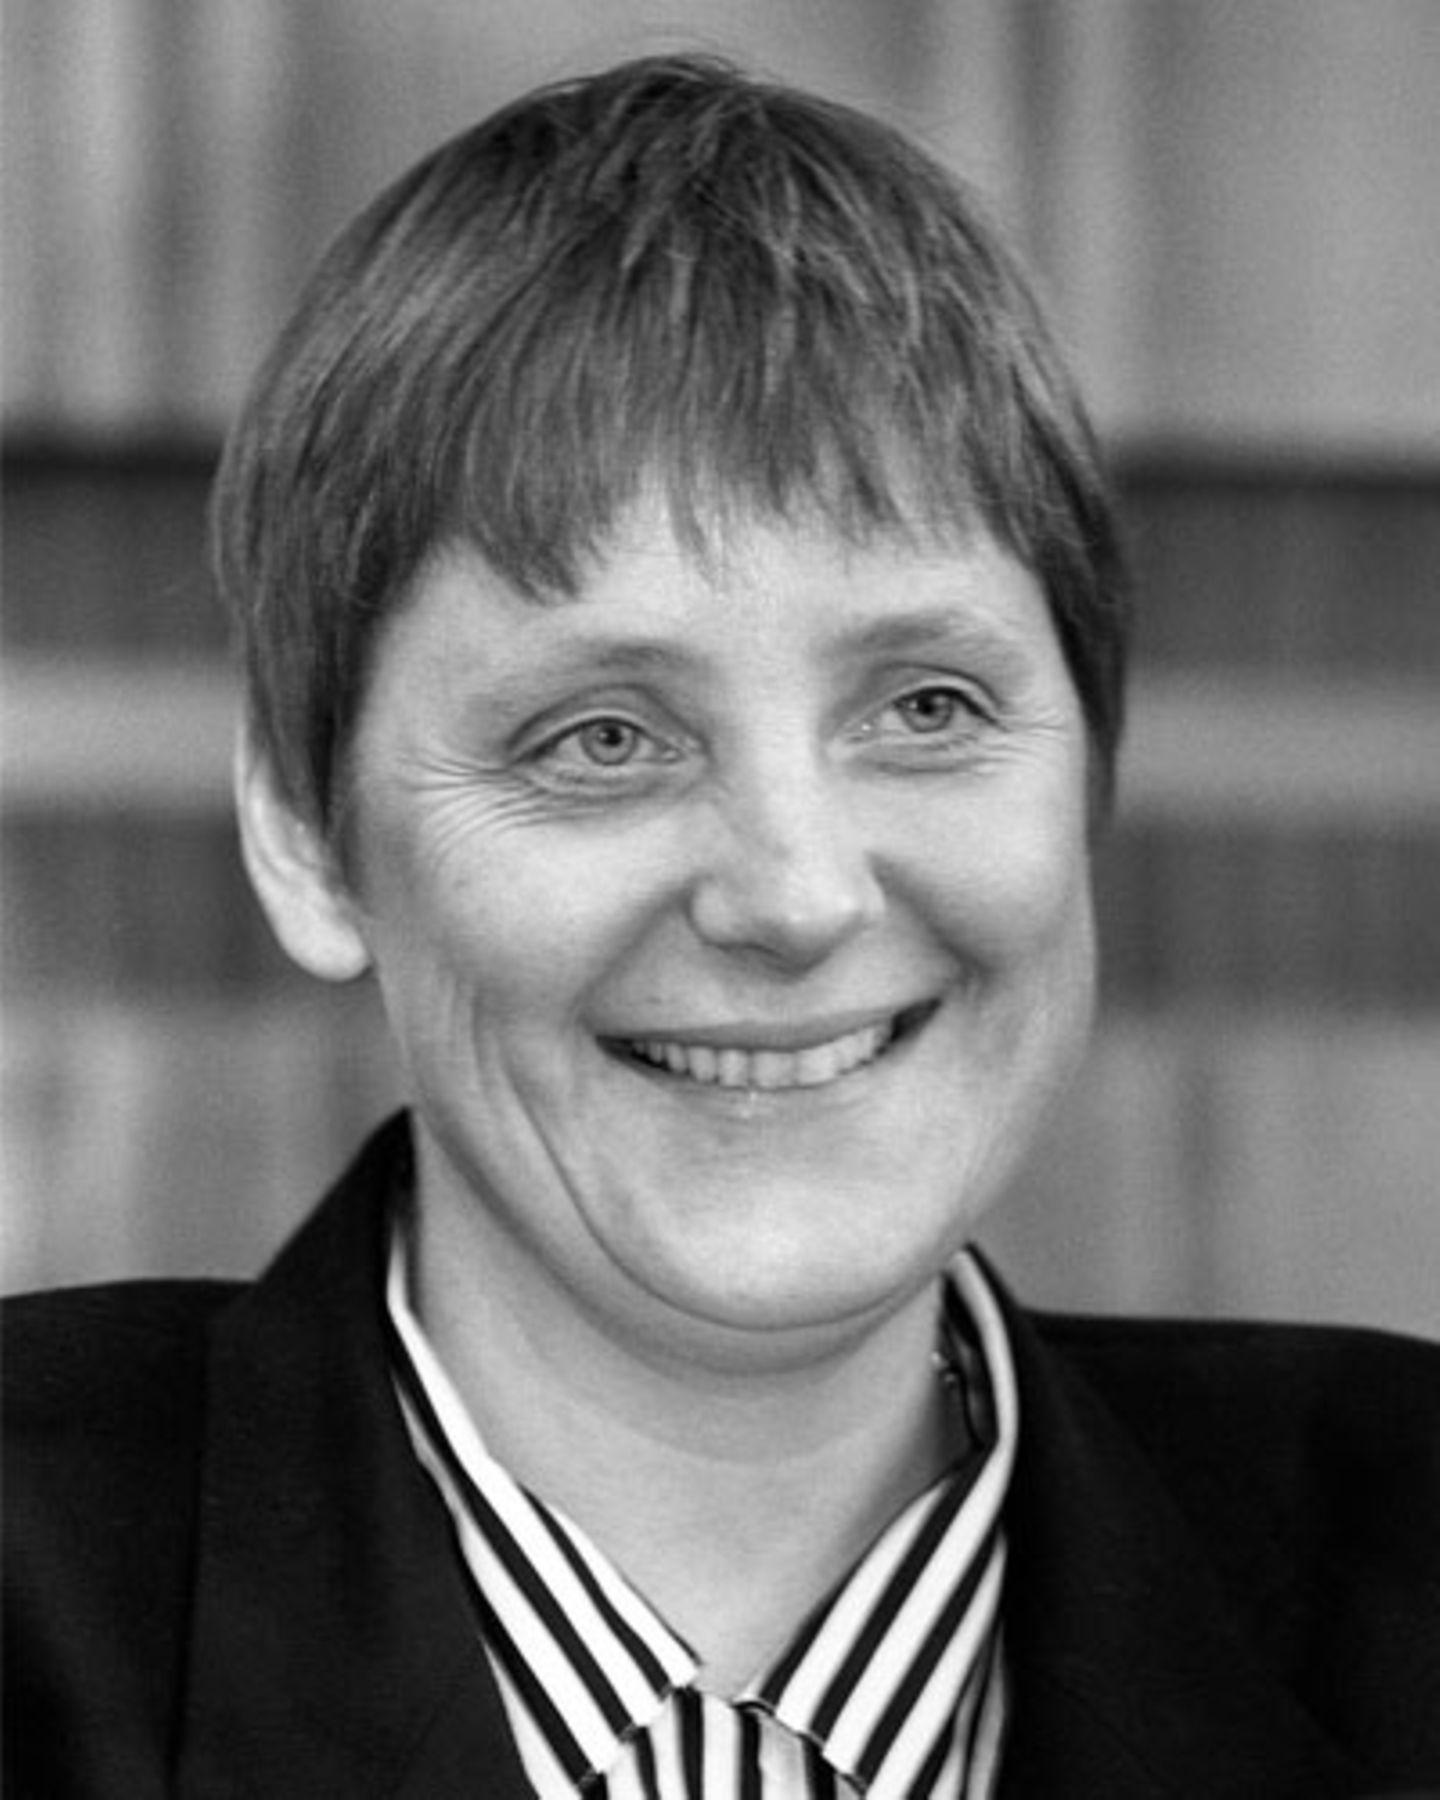 BRIGITTE LIVE: Angela Merkel: Der Aufstieg von Madame Non